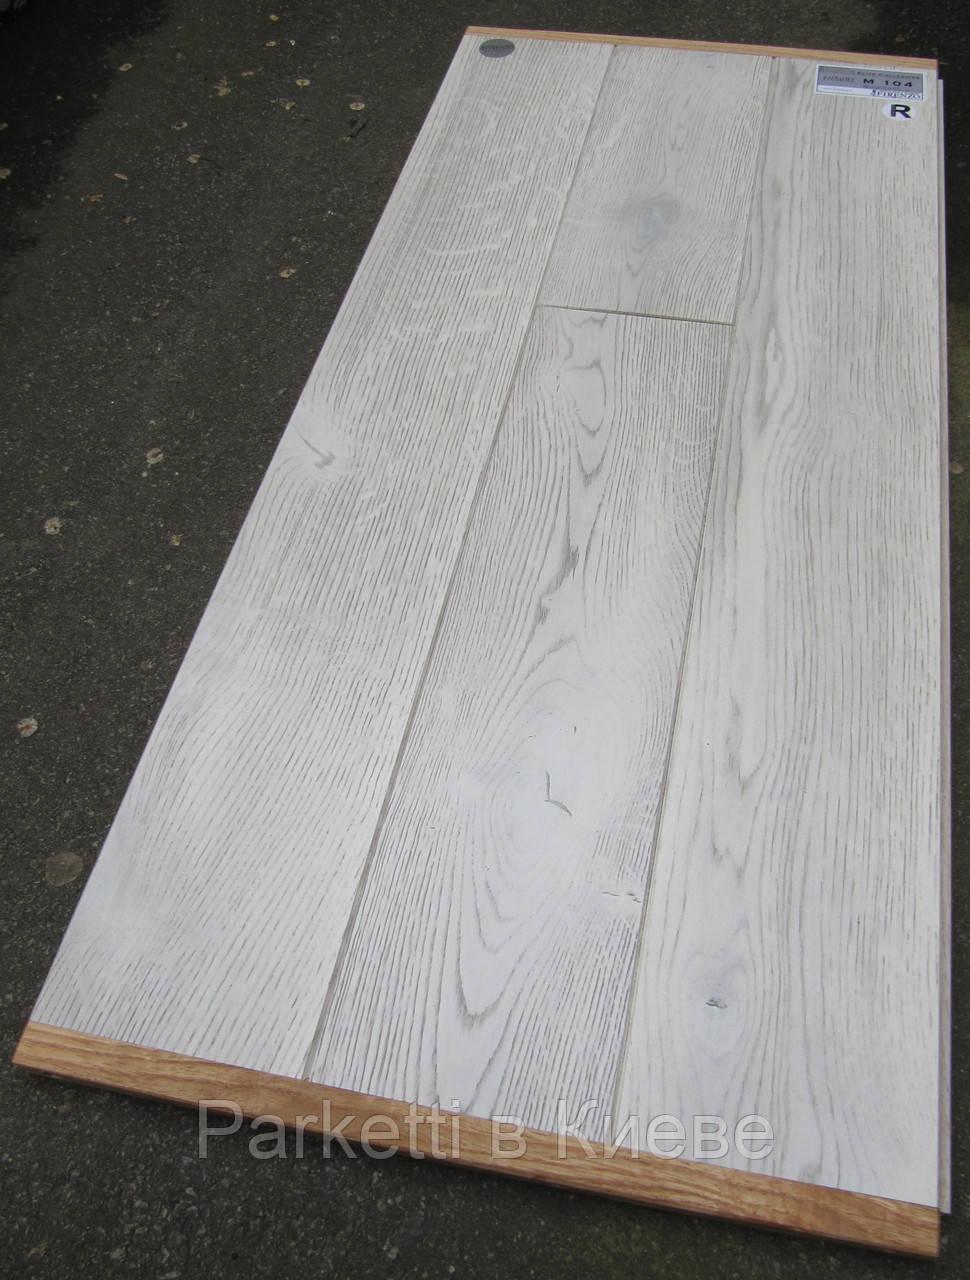 Firenzo M 104 European oak plank-oil массивная доска Селект, 80, 14